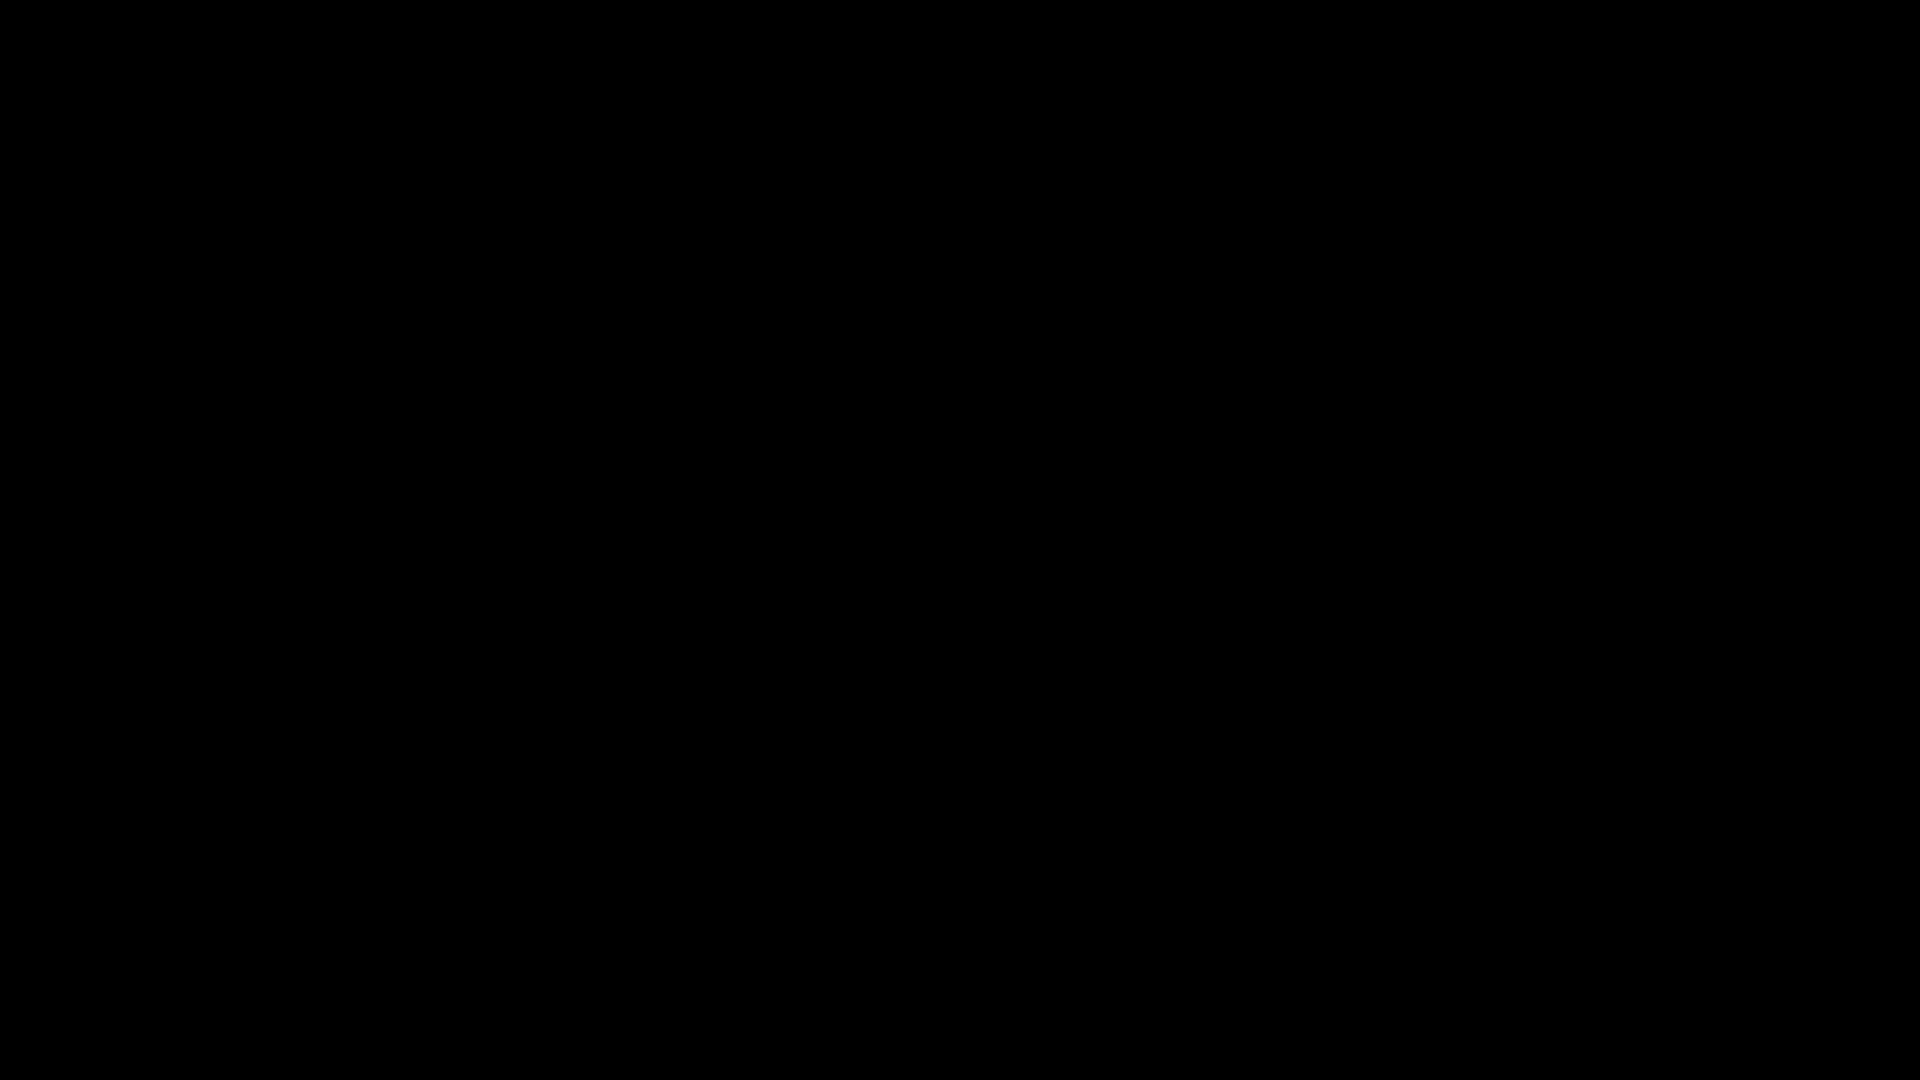 バーコードメモリーズのサムネイル画像